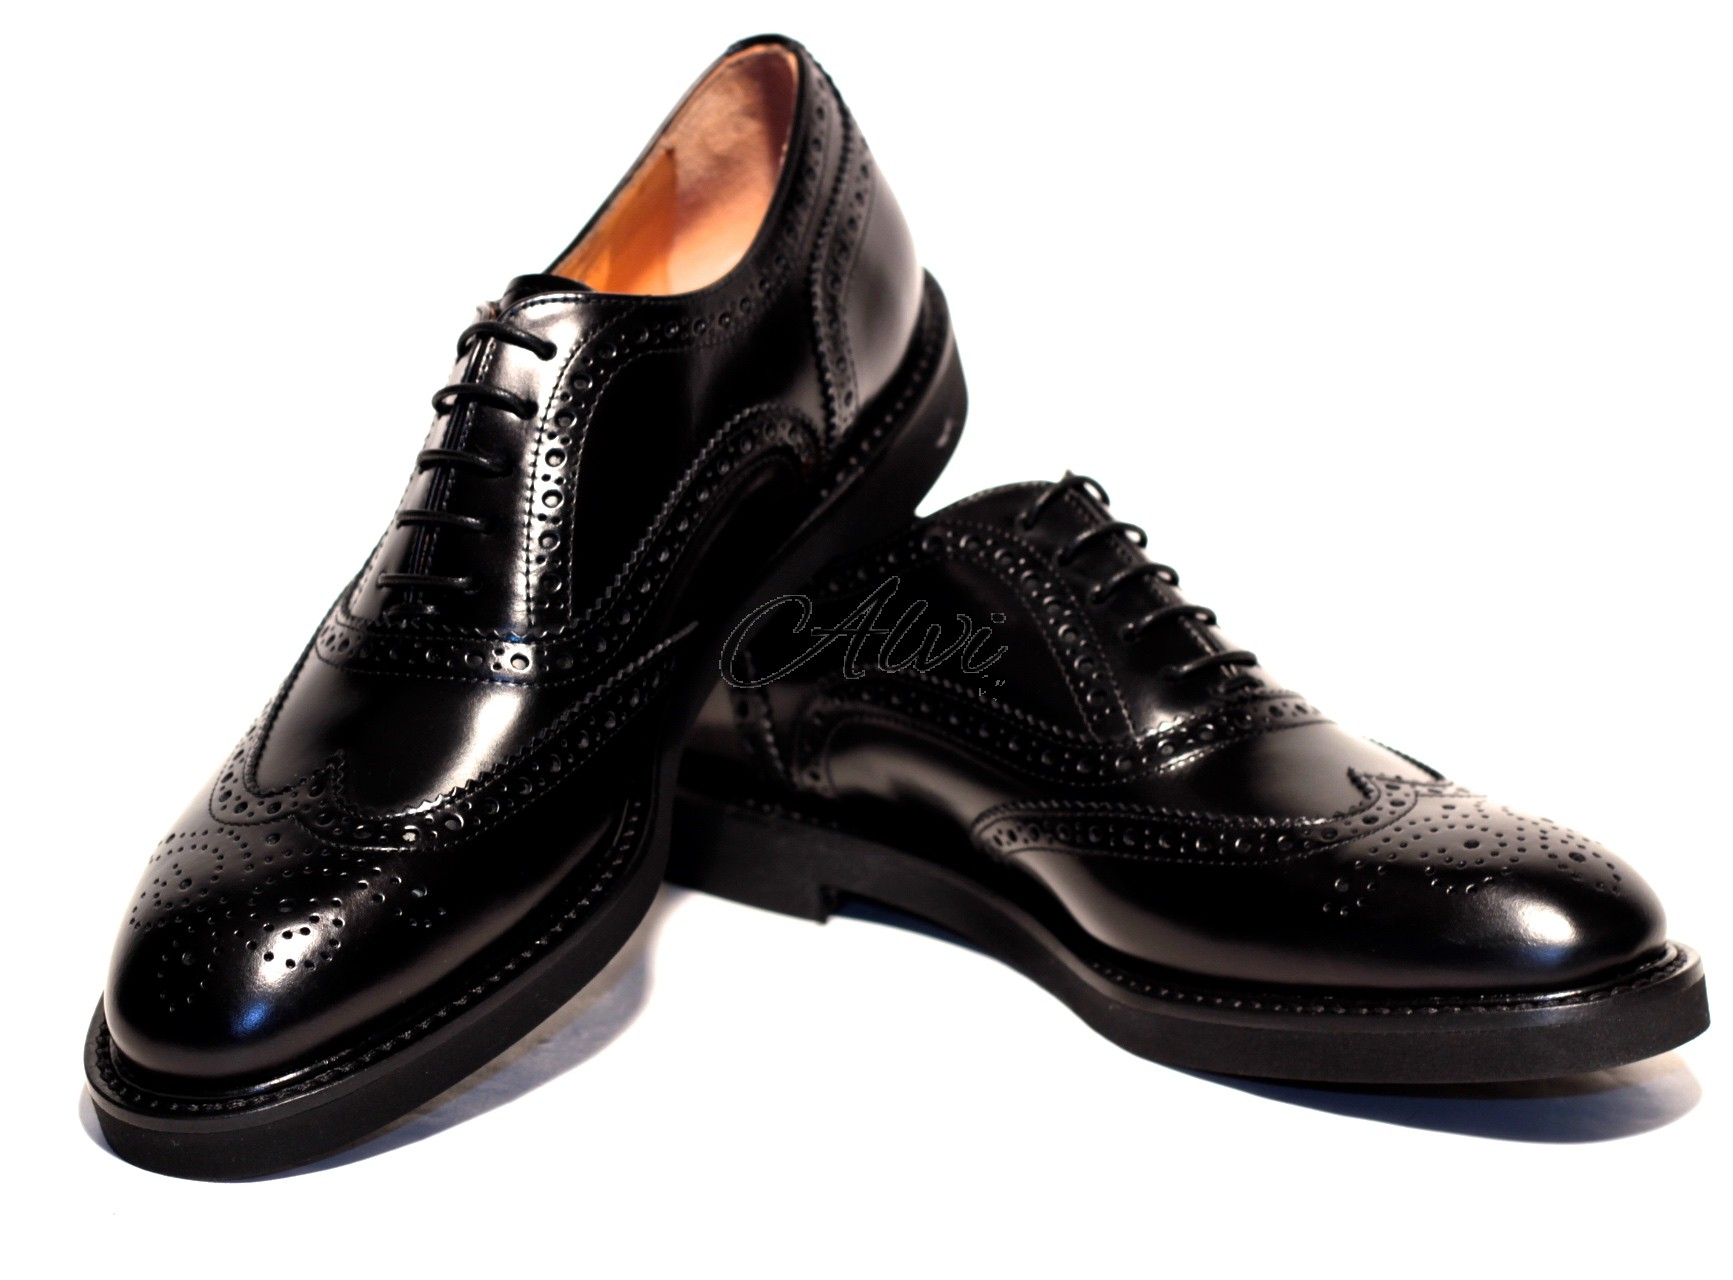 df16262895426a Scarpe allacciate stile maschile nere